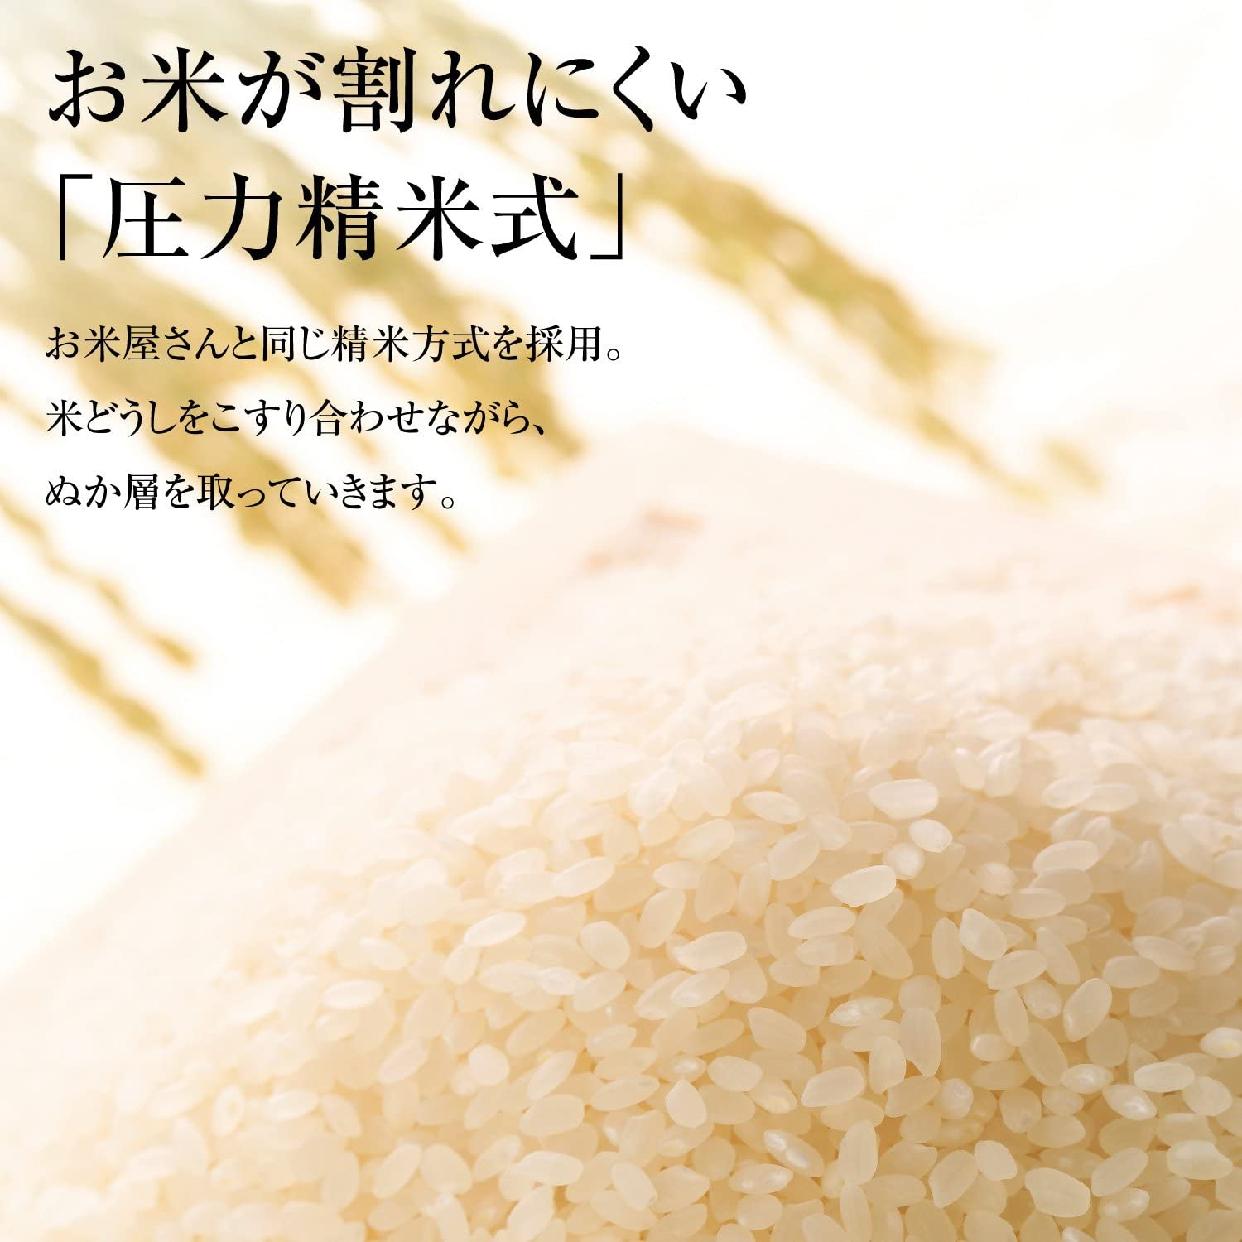 象印(ゾウジルシ)家庭用無洗米精米機 グレー BT-AF05-HAの商品画像2